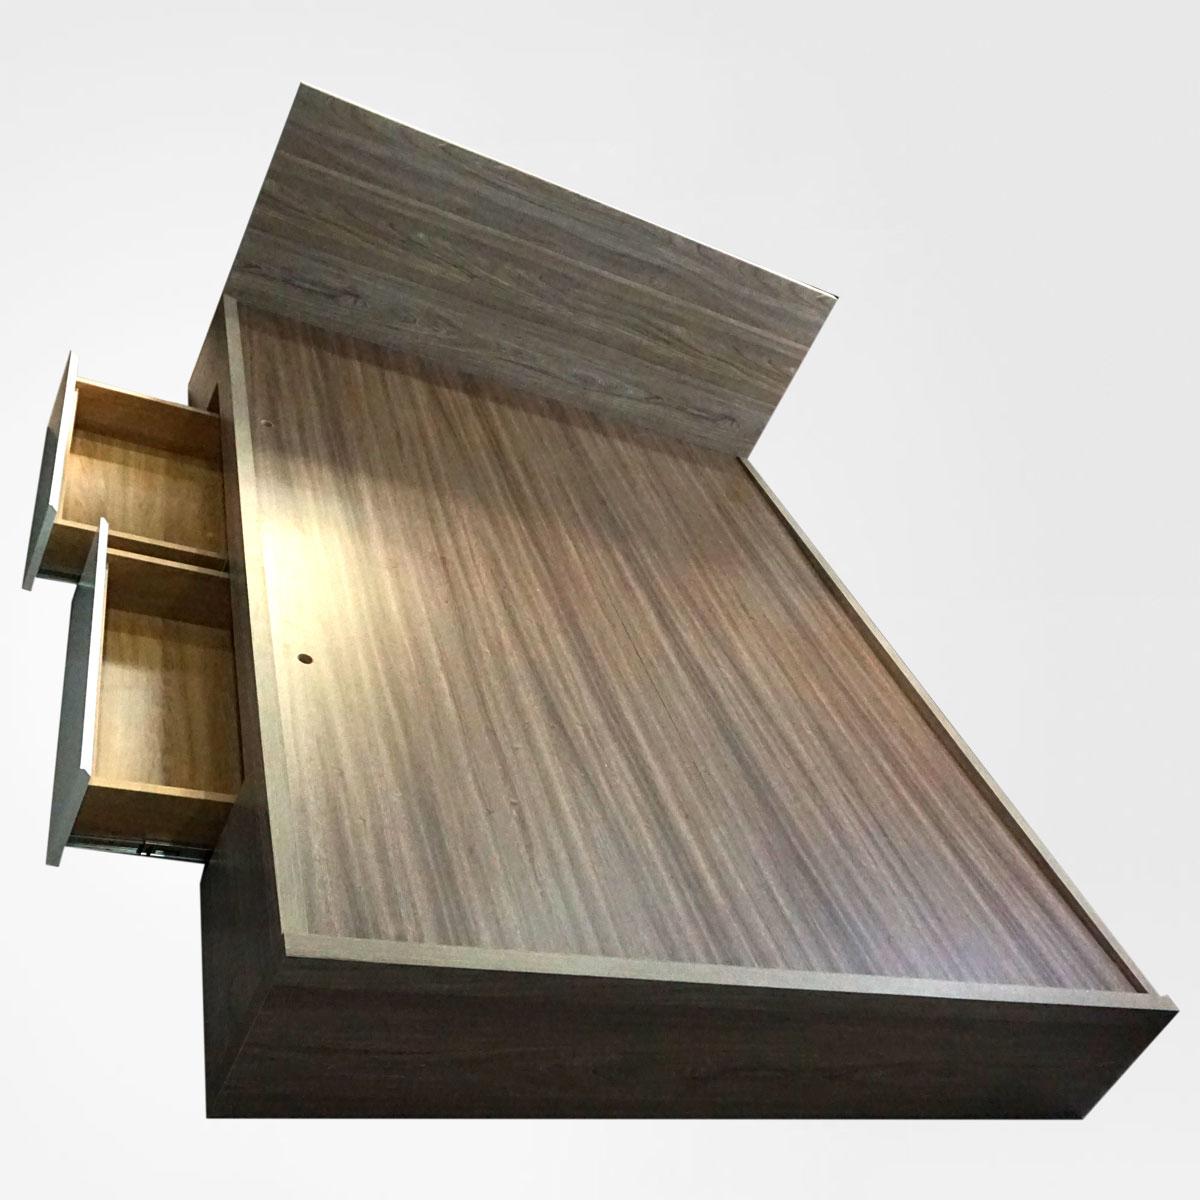 Giường hộc kéo mdf phủ melamine màu xám